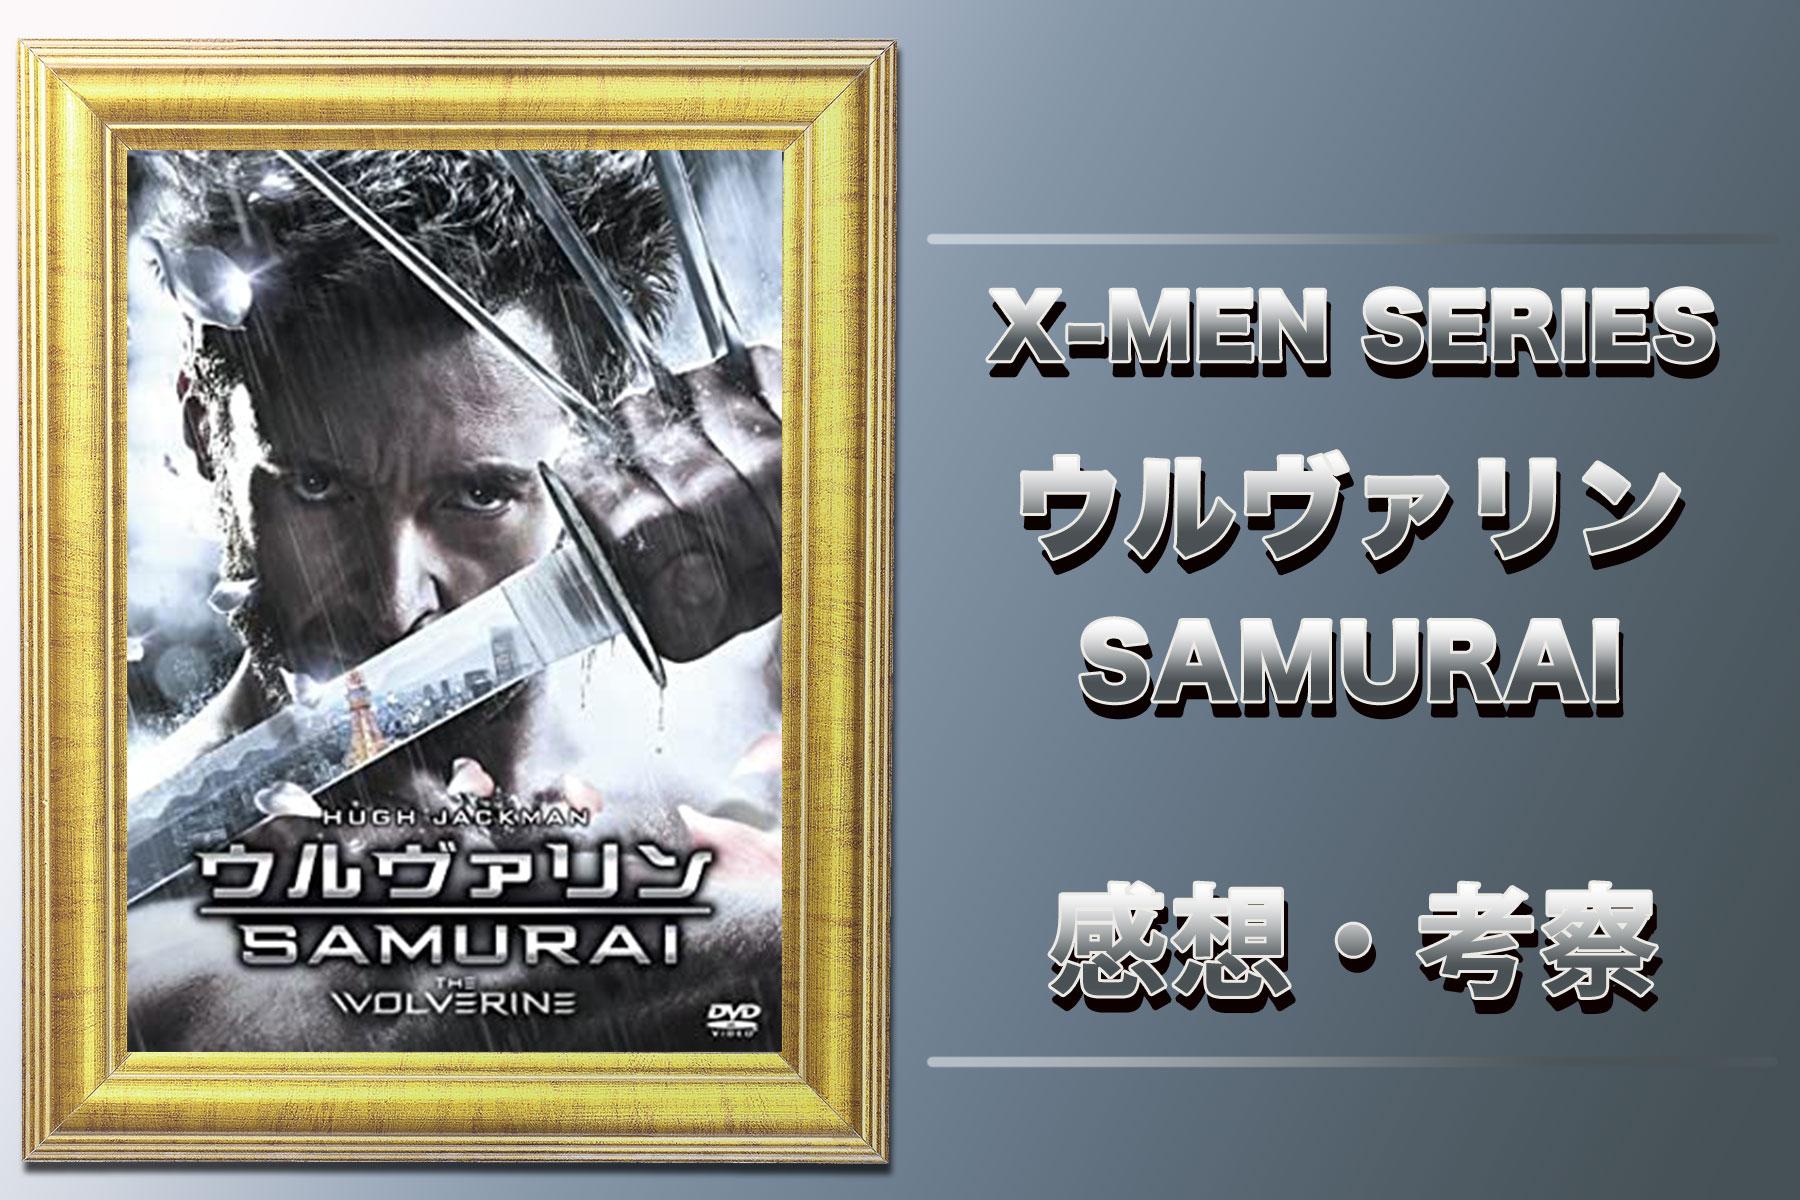 【ひどい?】映画『ウルヴァリン:SAMURAI』(2013)の考察と結末!海外の反応やロケ地の解説